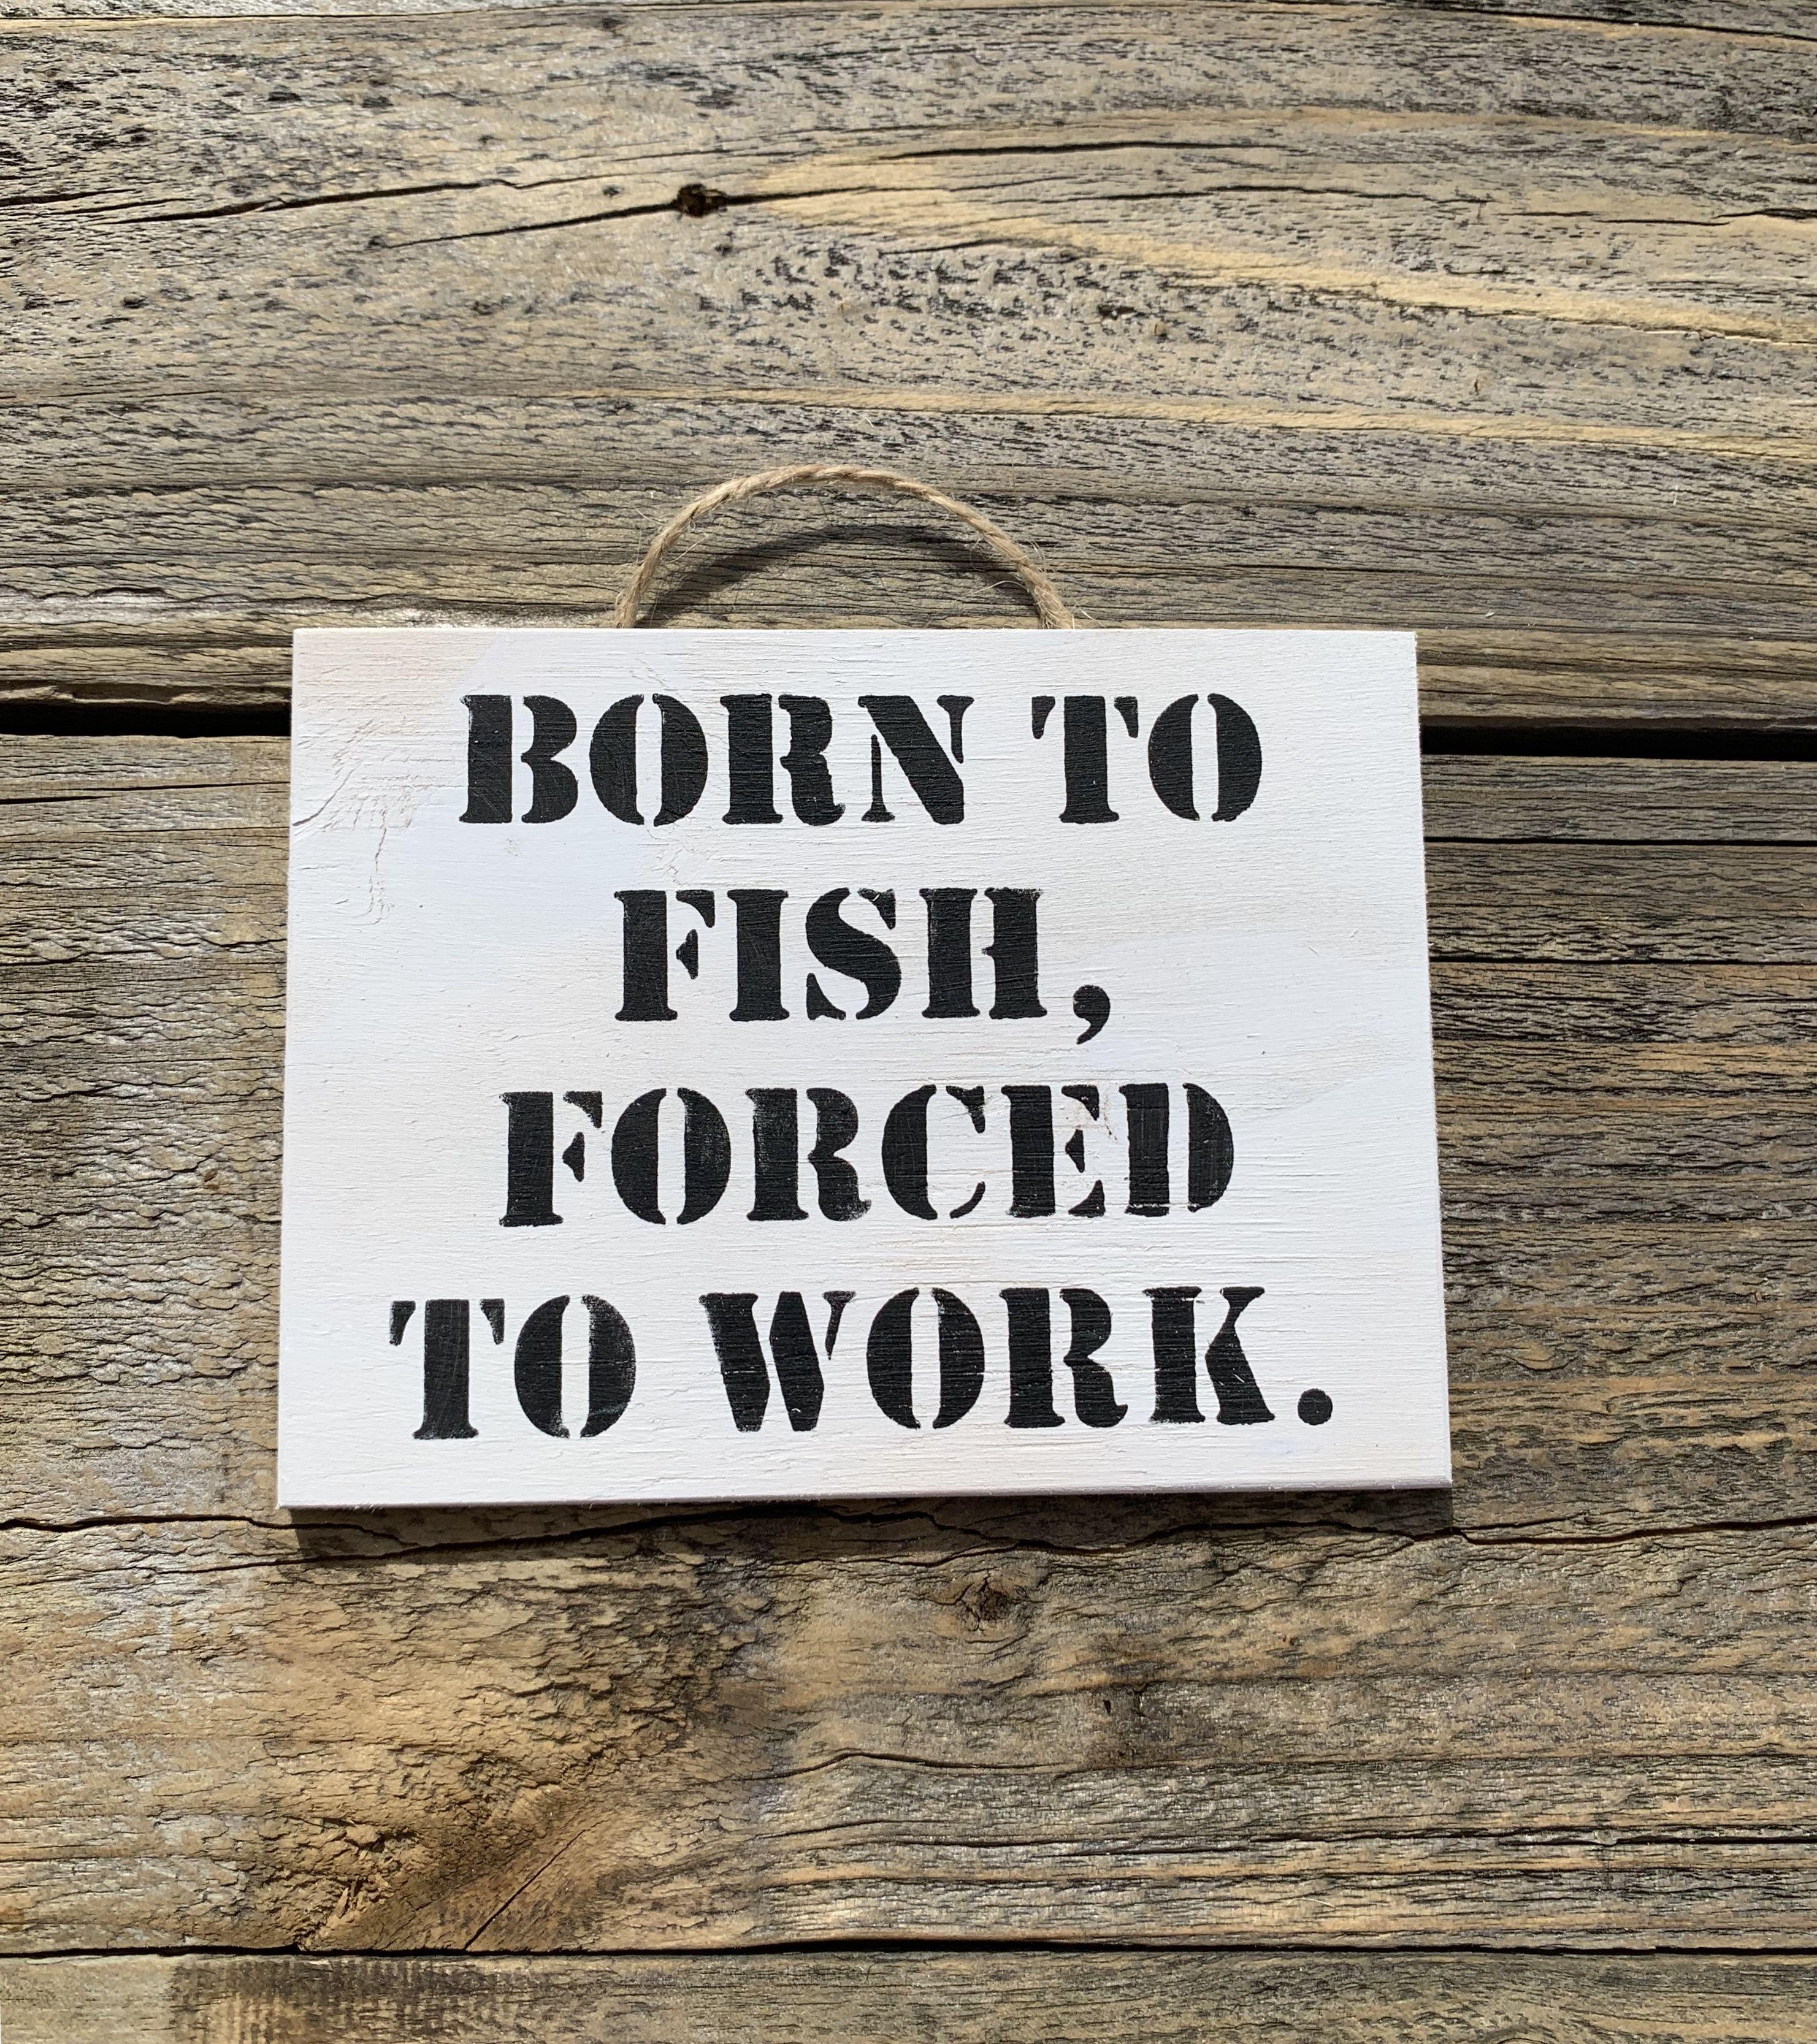 Born To Fish Funny Fishing Quotes Fishing Signs Gone Fishing In 2020 Fishing Quotes Funny Fishing Humor Fishing Quotes